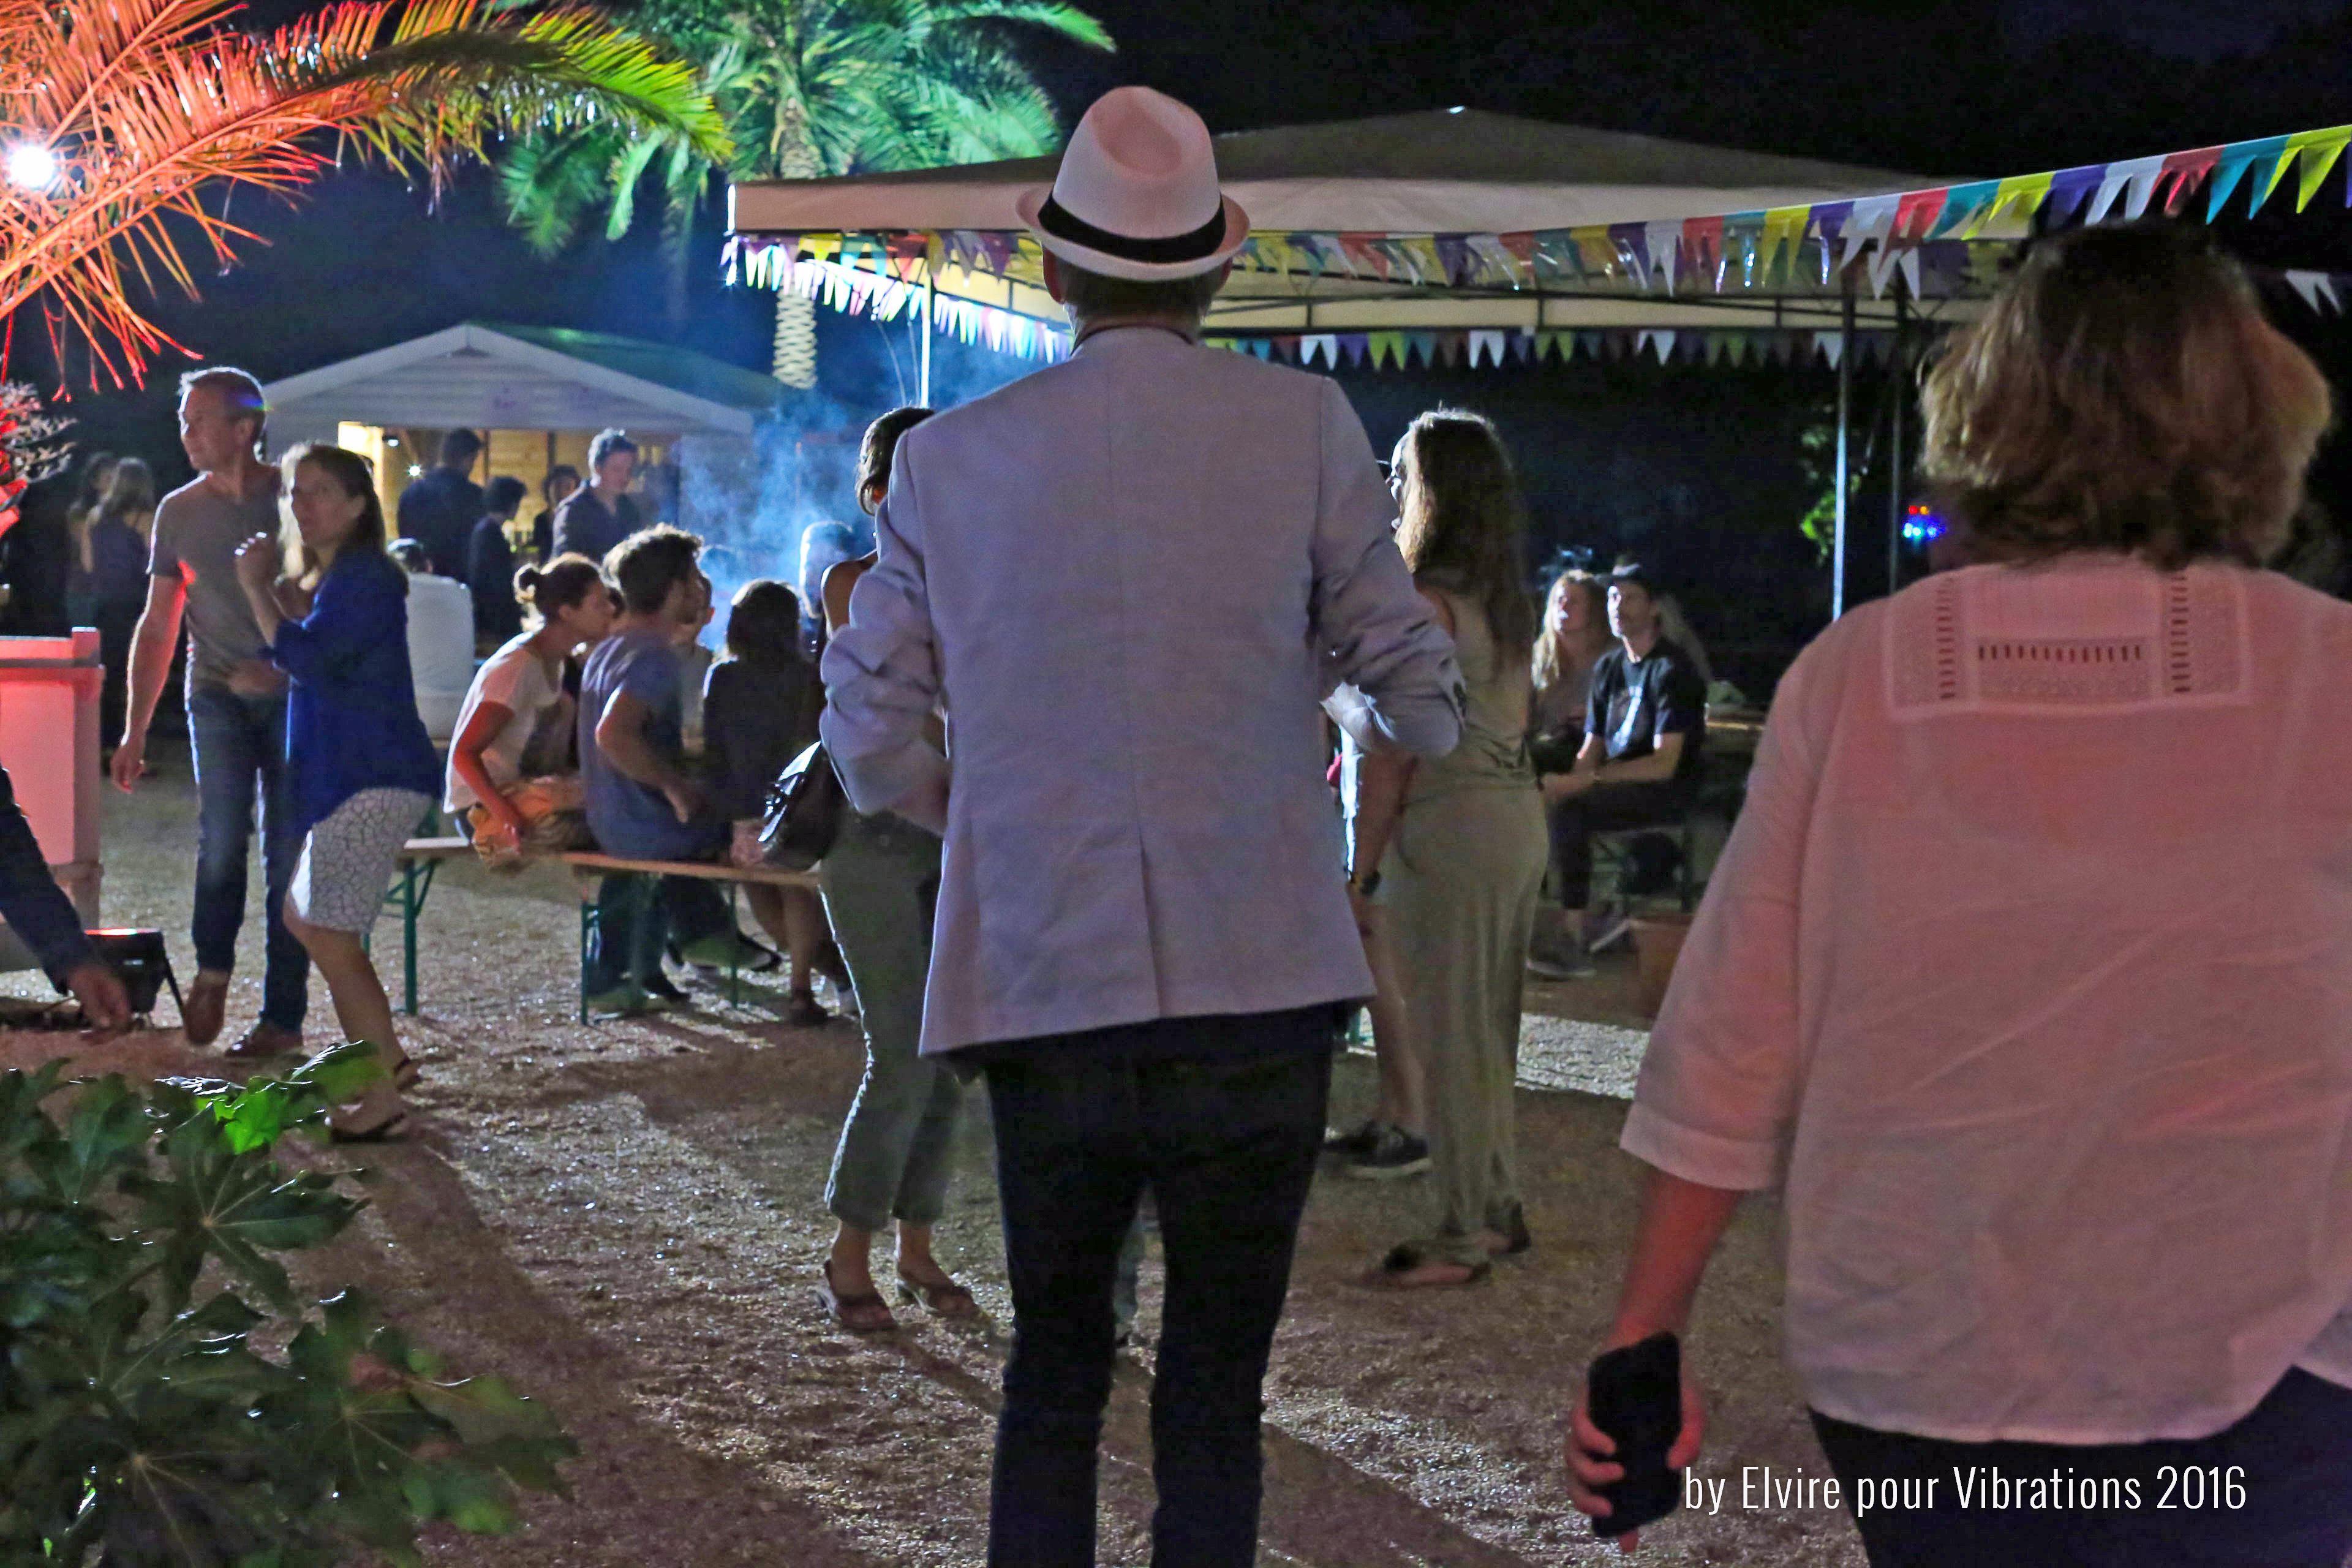 PASS FESTIVAL VIBRATIONS : 3 concerts du soir entre le 27/08 et le 01/09 (sauf 28/08)